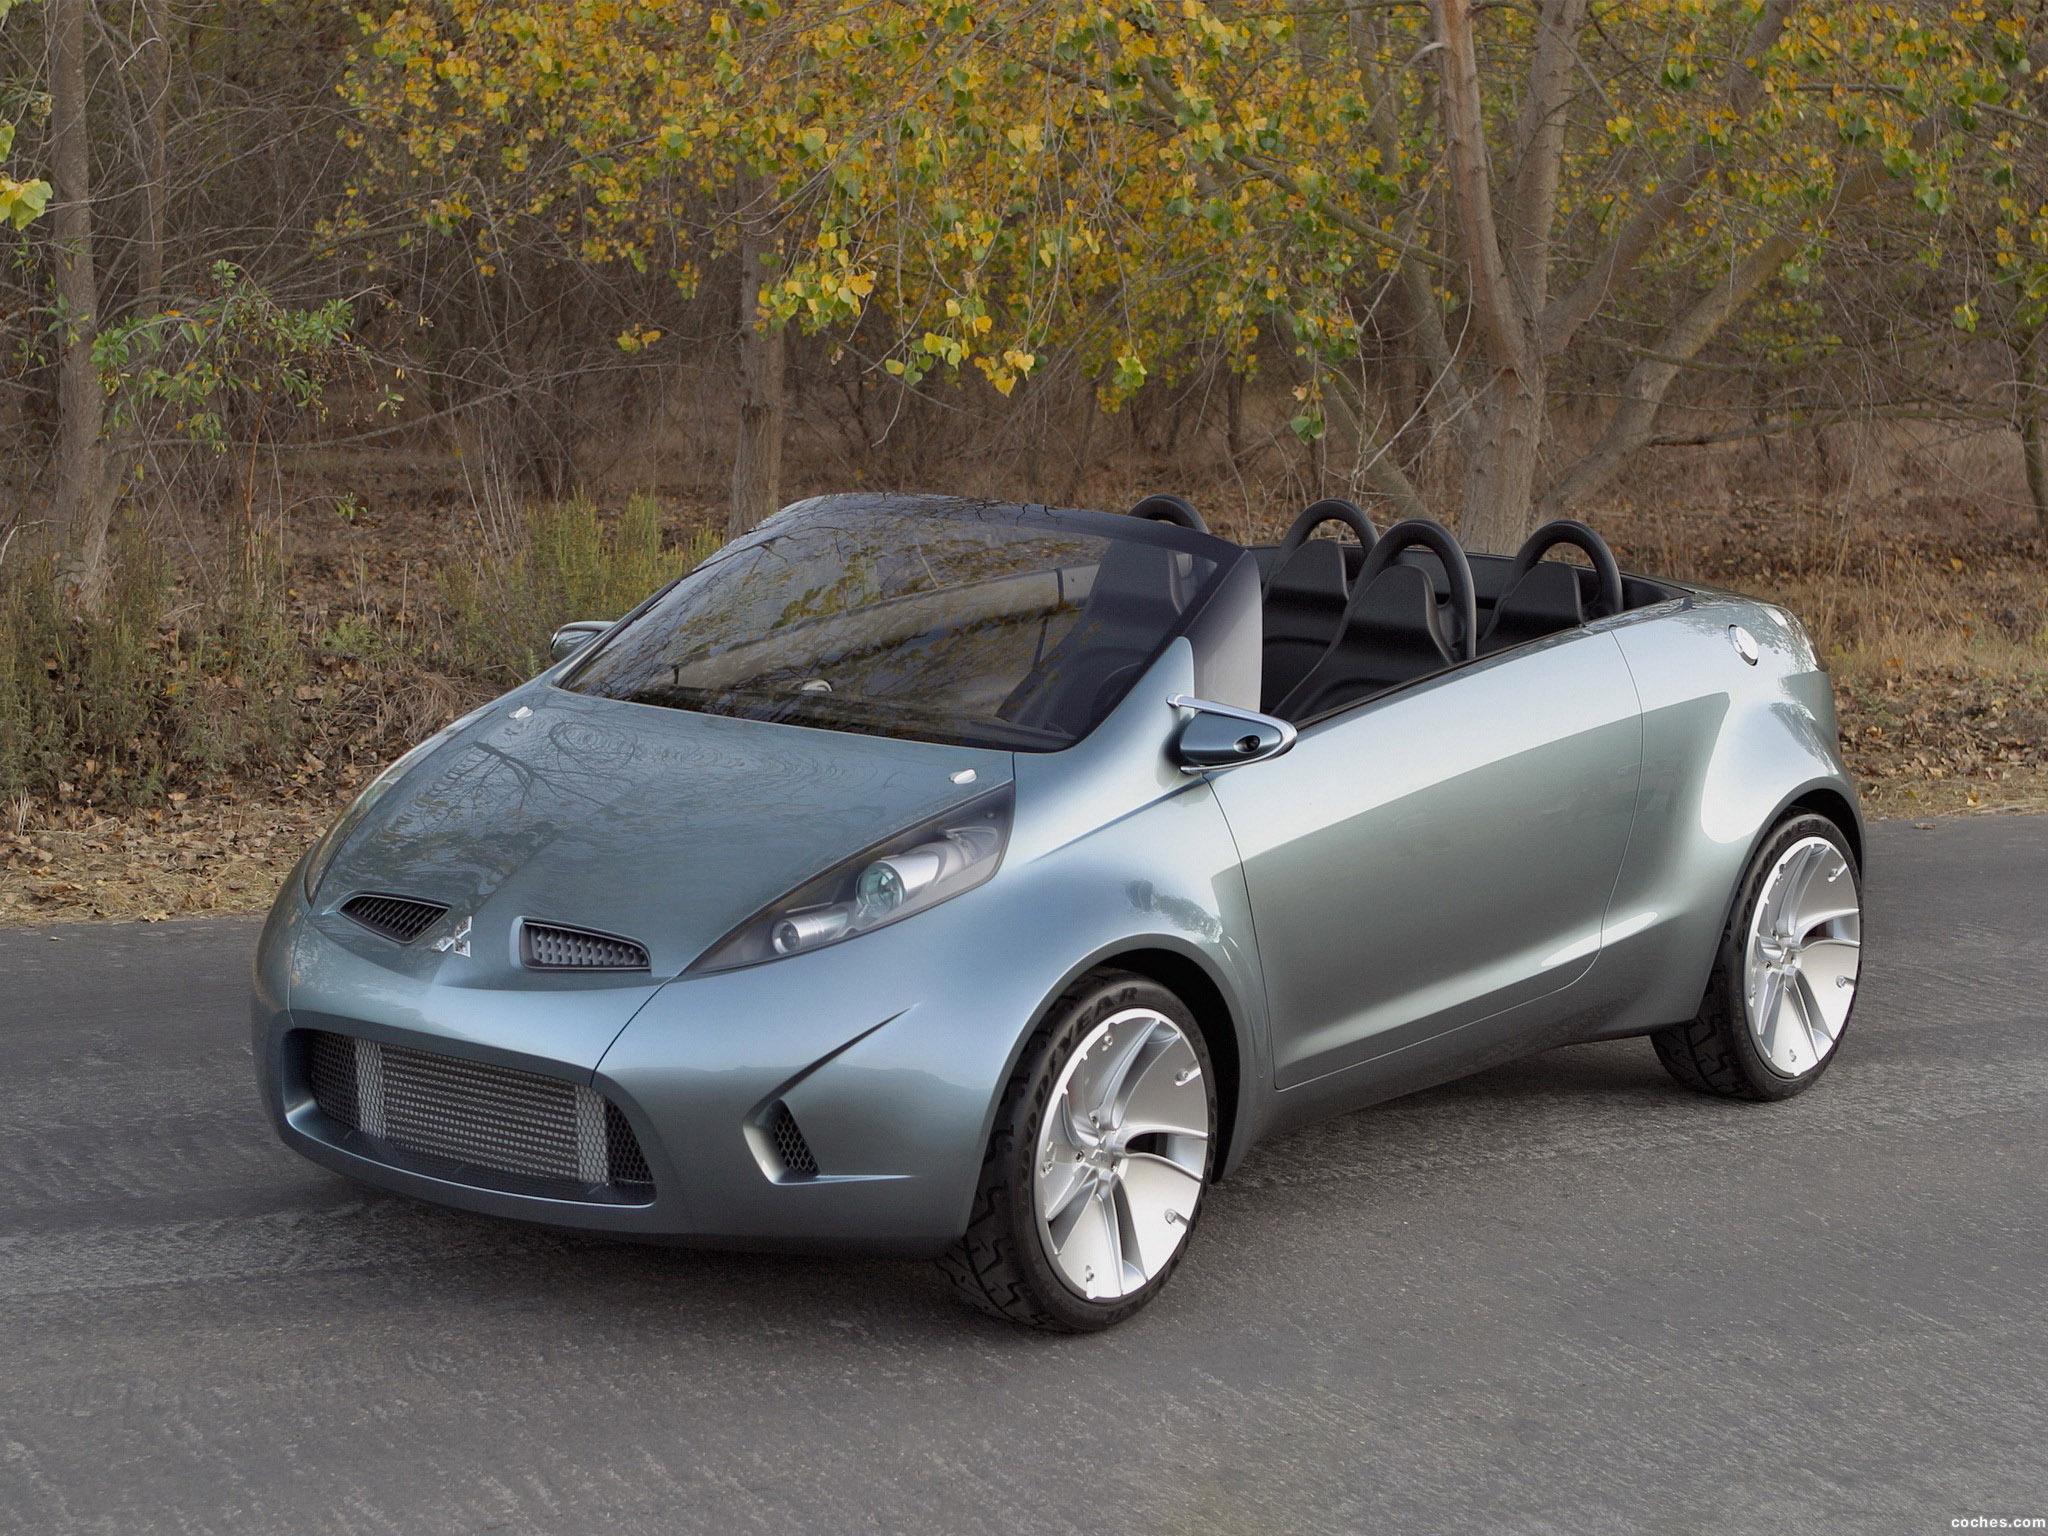 Foto 0 de Mitsubishi Tarmac Spyder Concept 2003